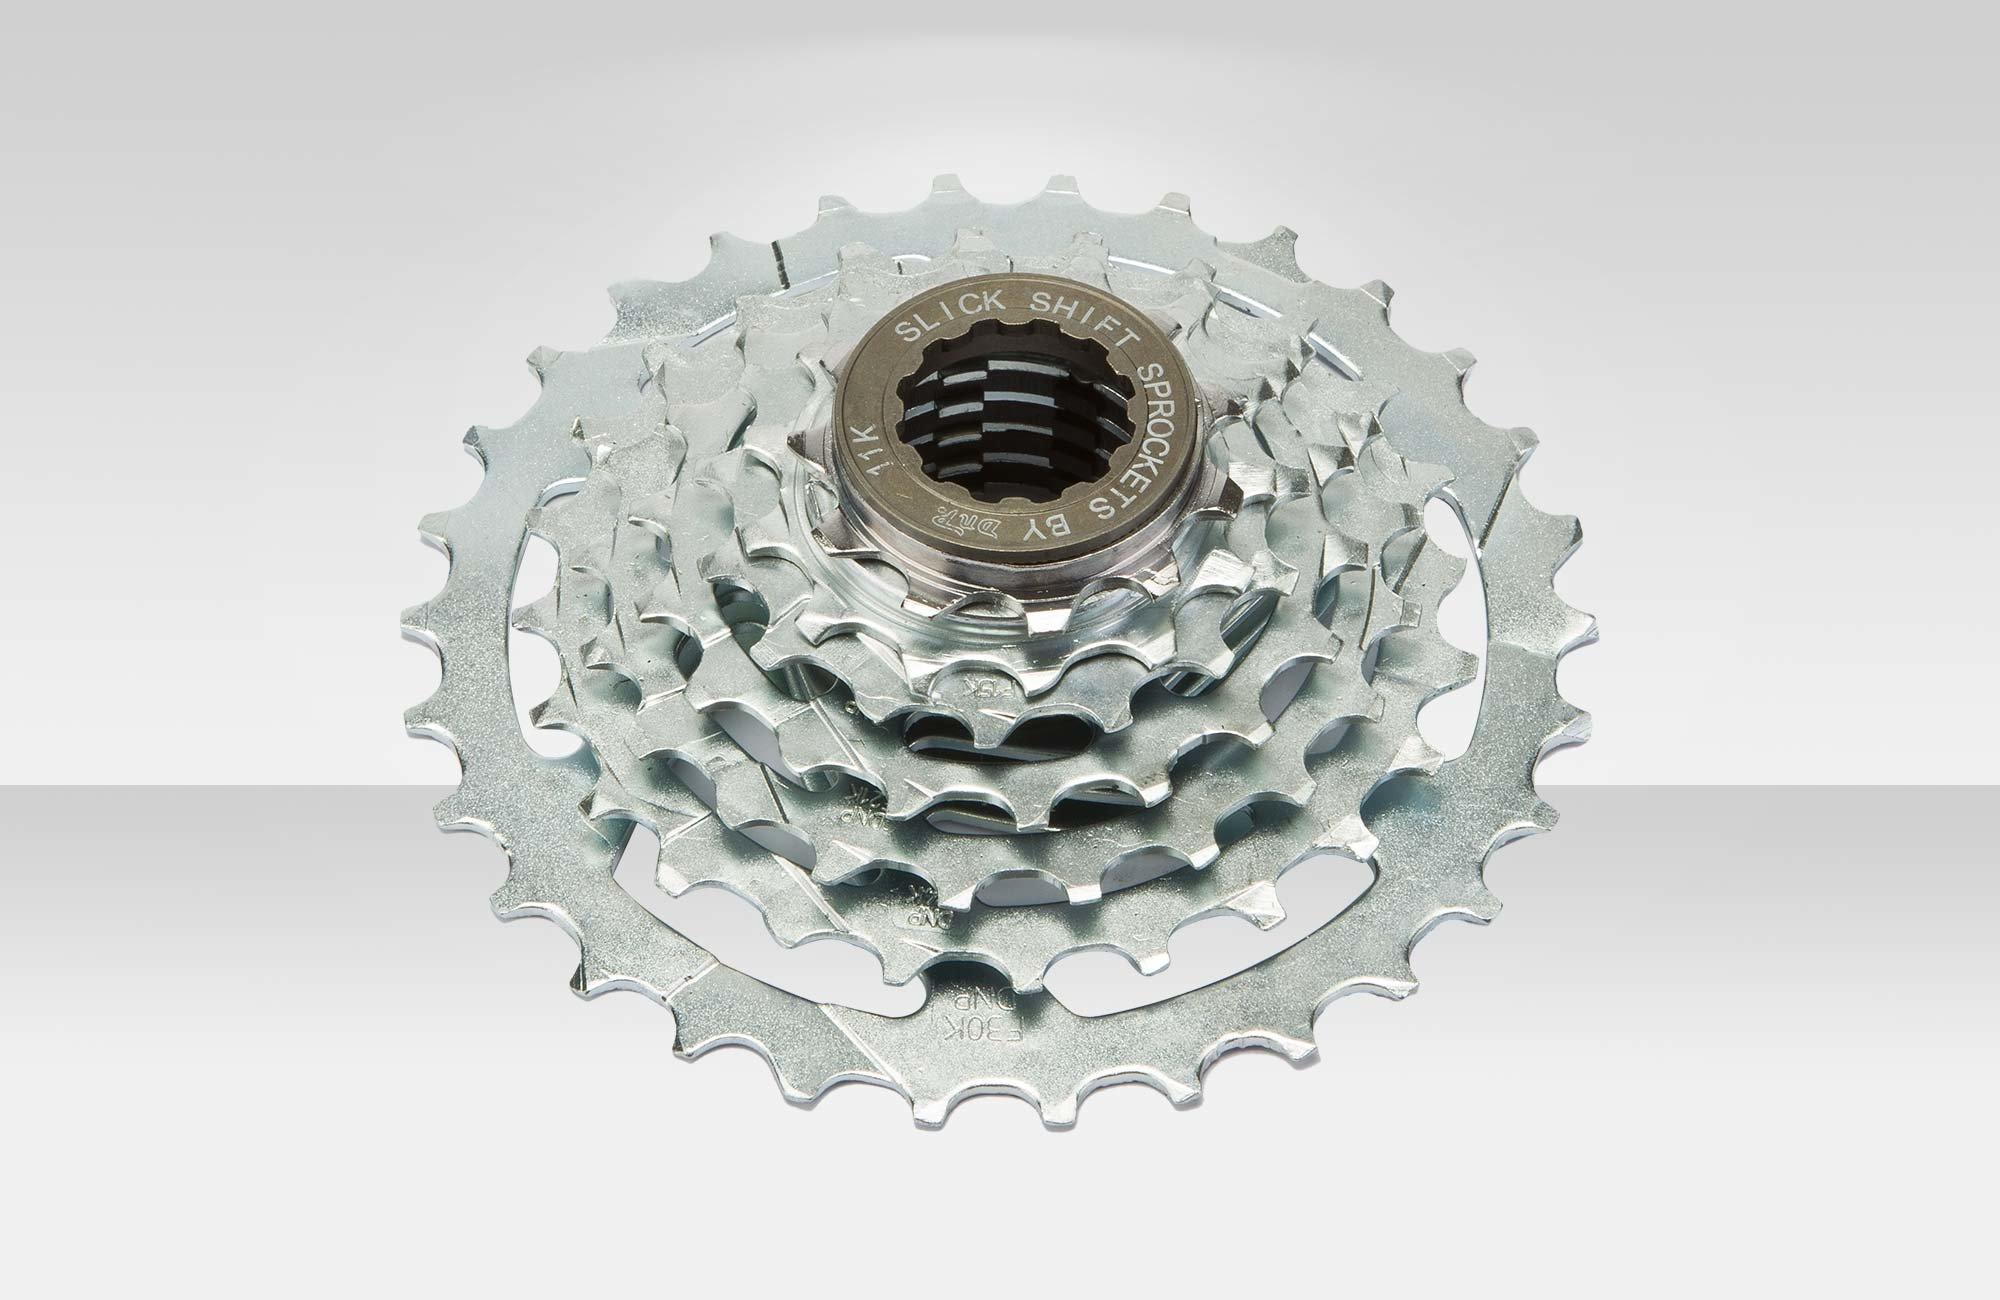 Кассета для велосипеда Slick shift